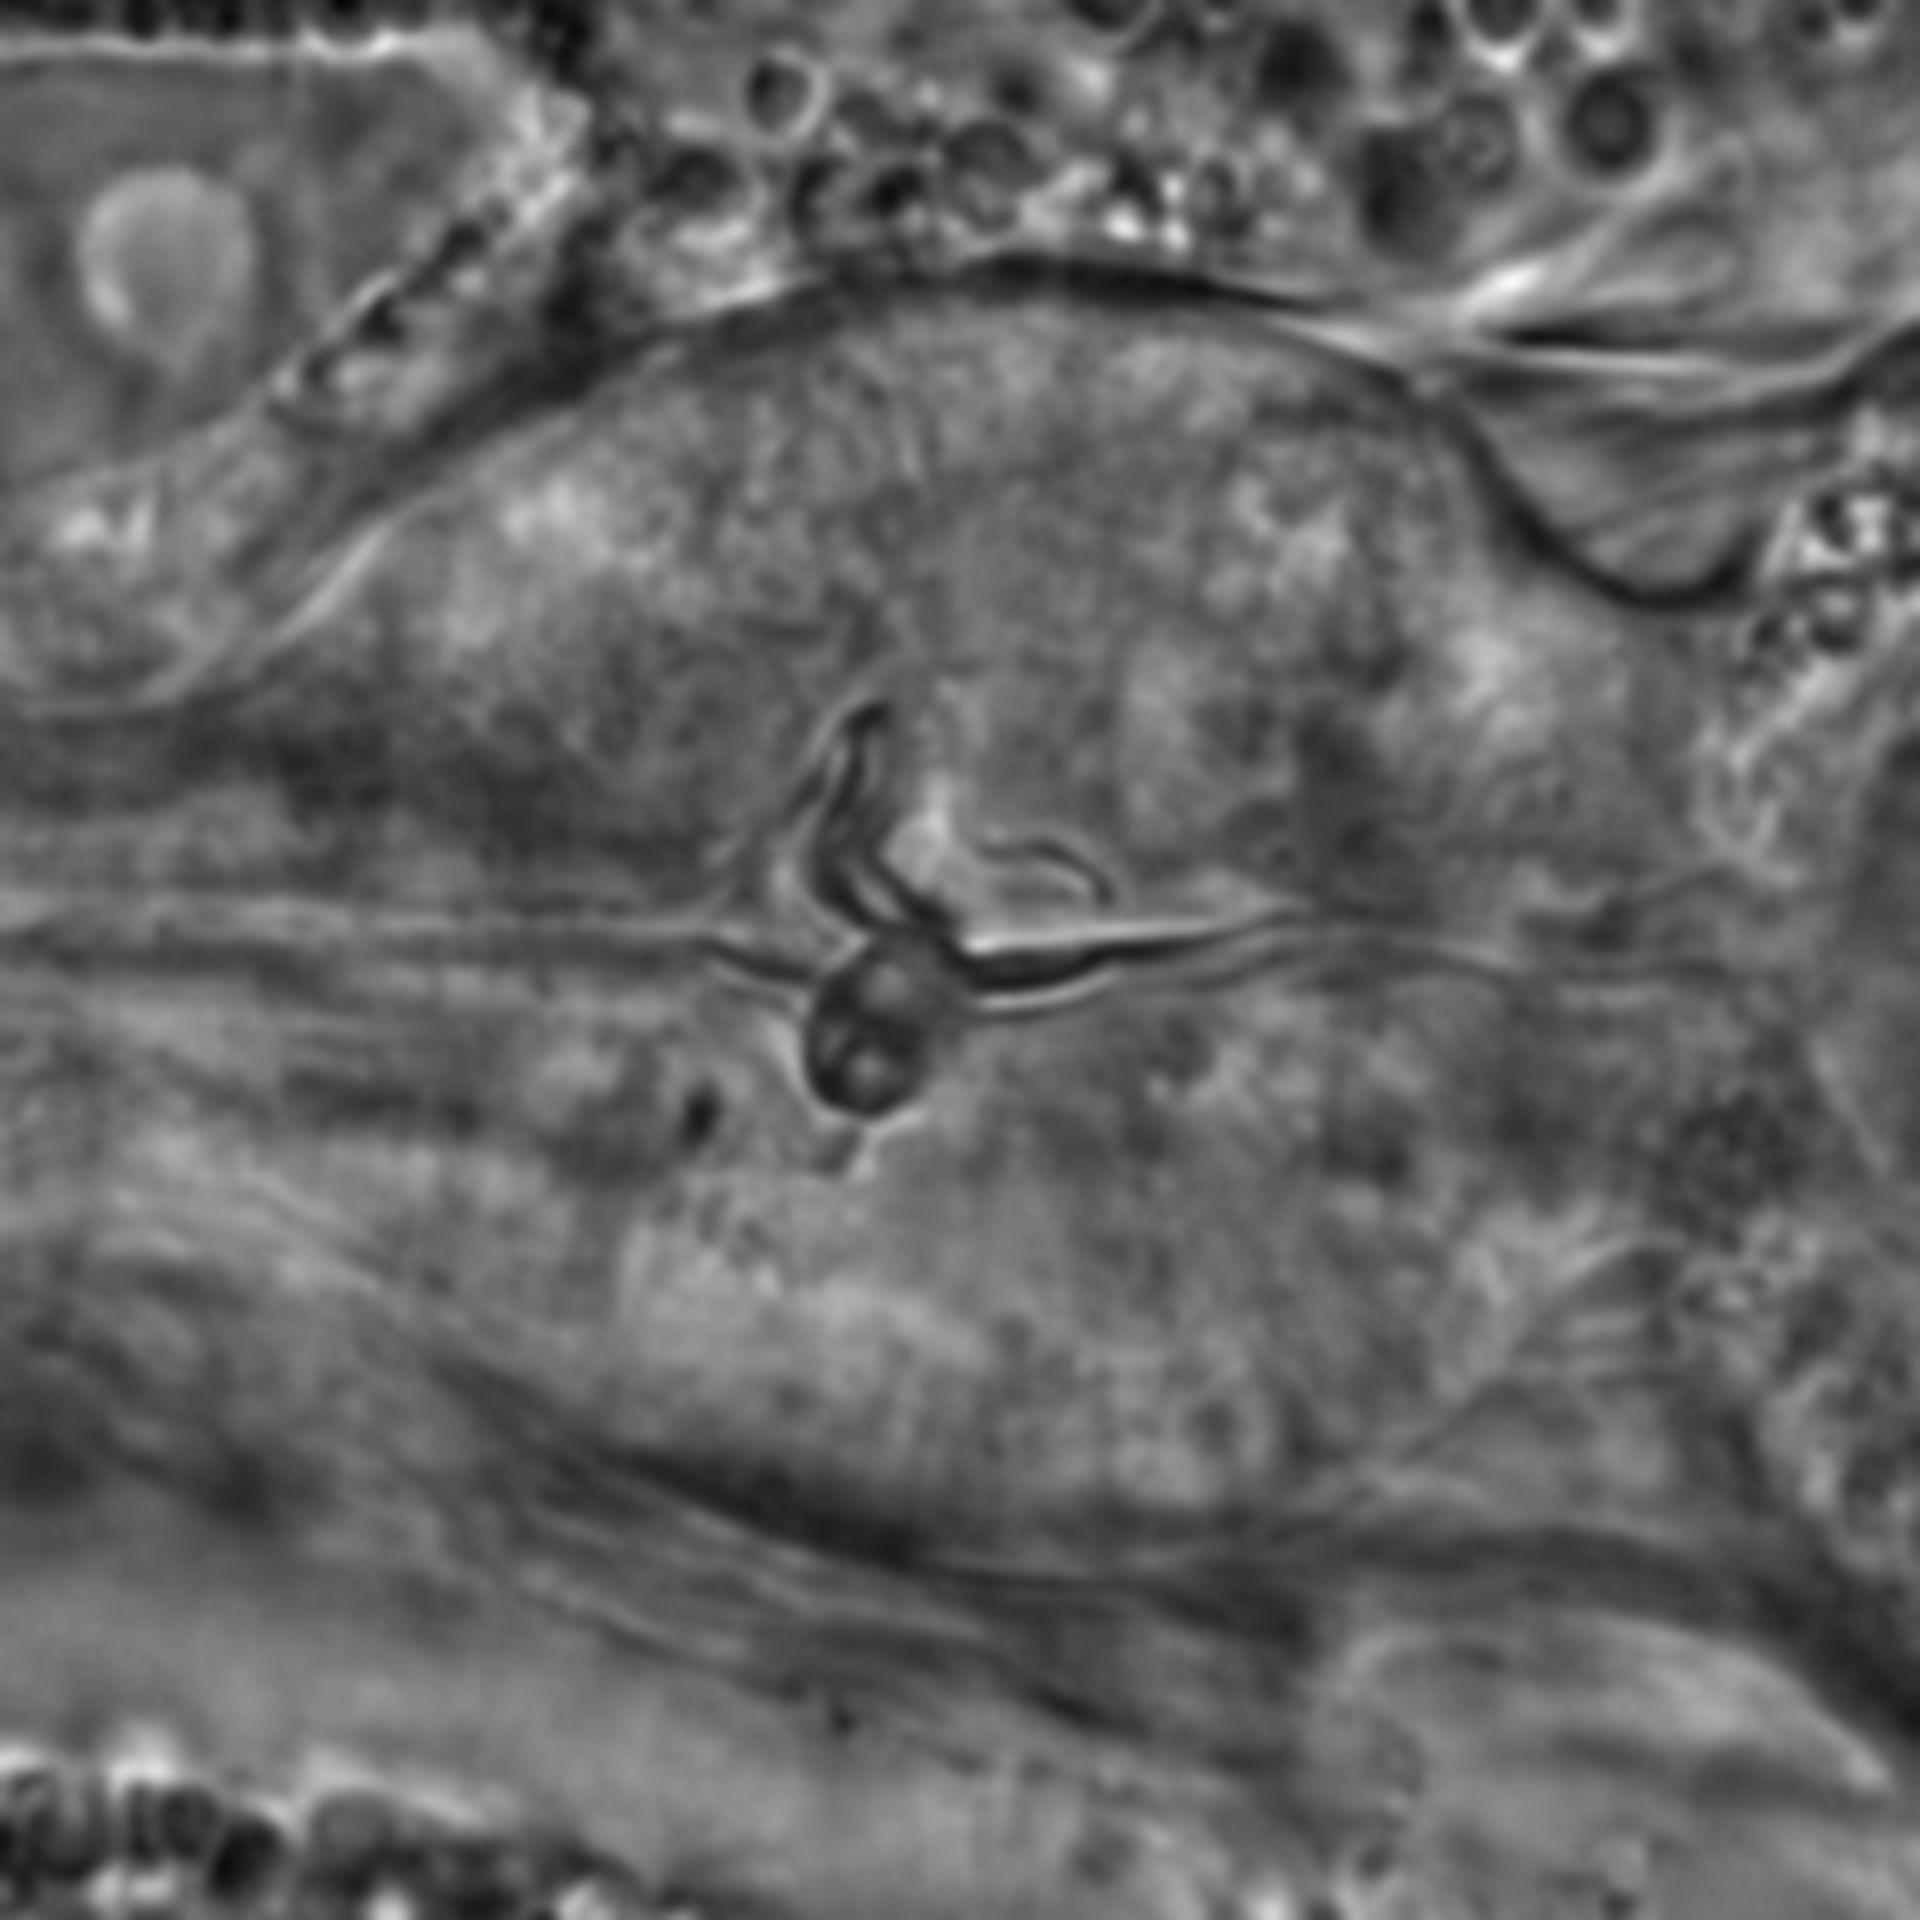 Caenorhabditis elegans - CIL:1749